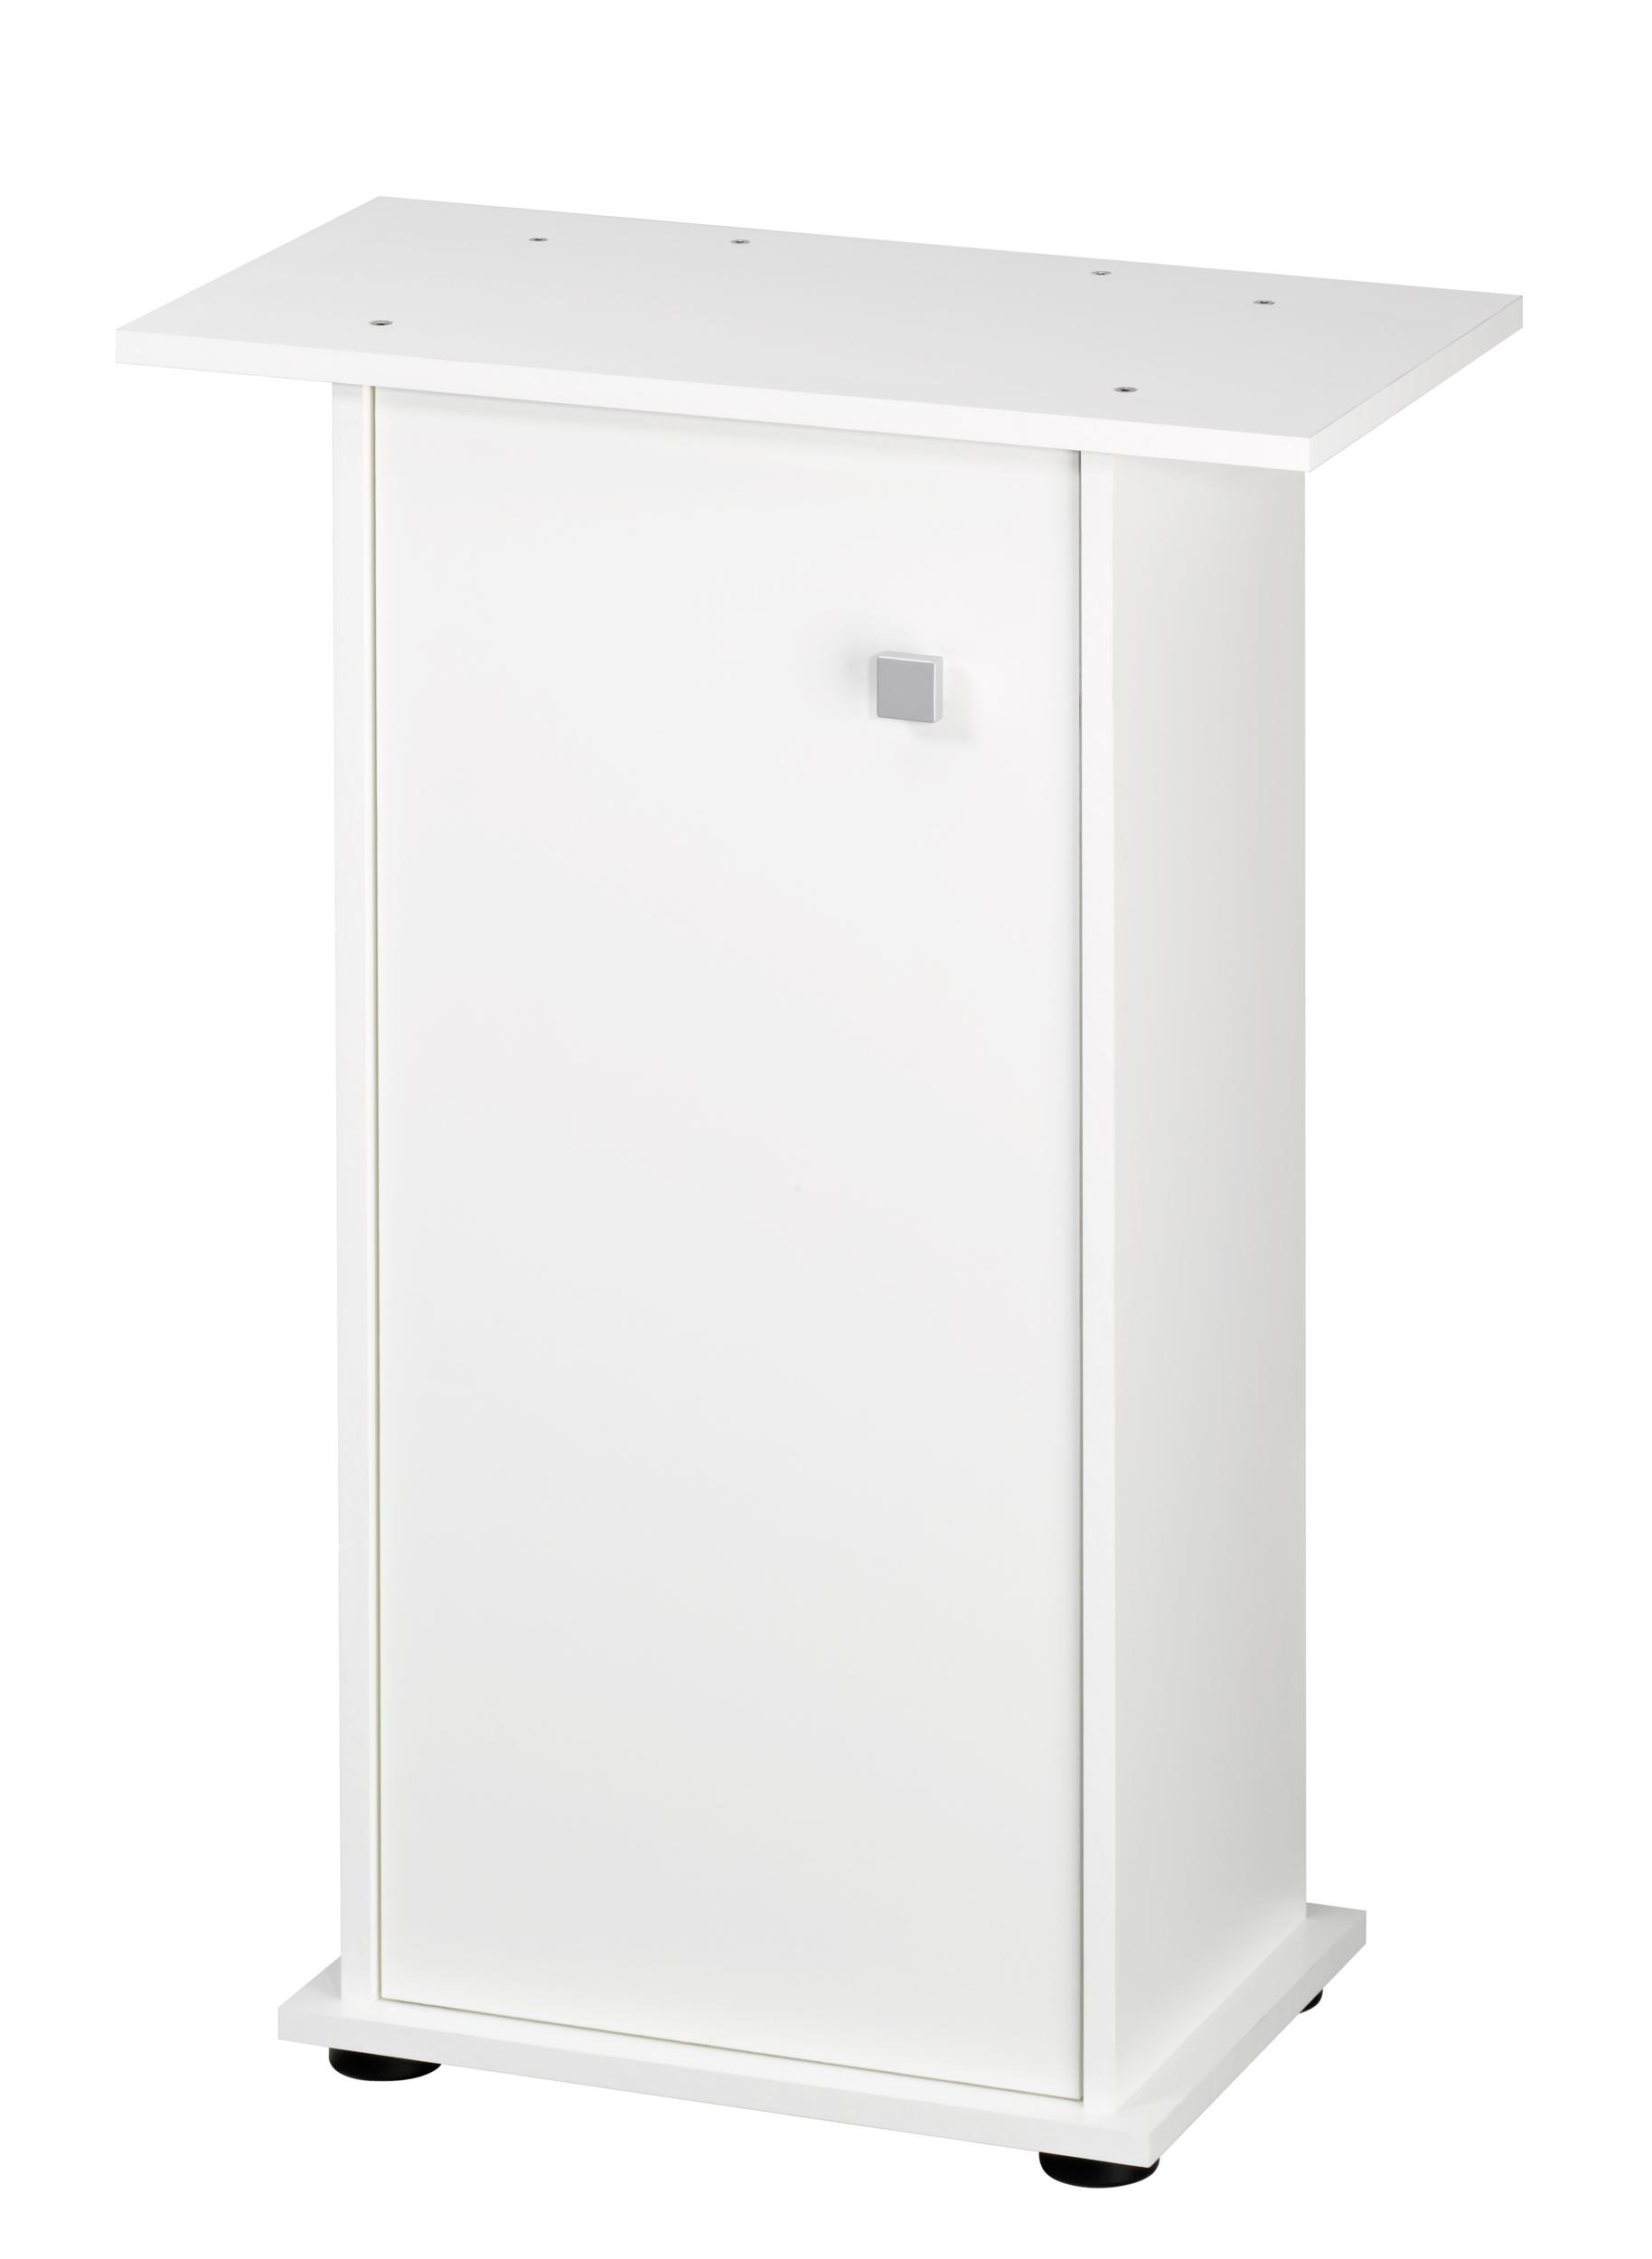 EHEIM AquaCab 54 Blanc meuble avec porte pour aquarium de 60 x 30 cm